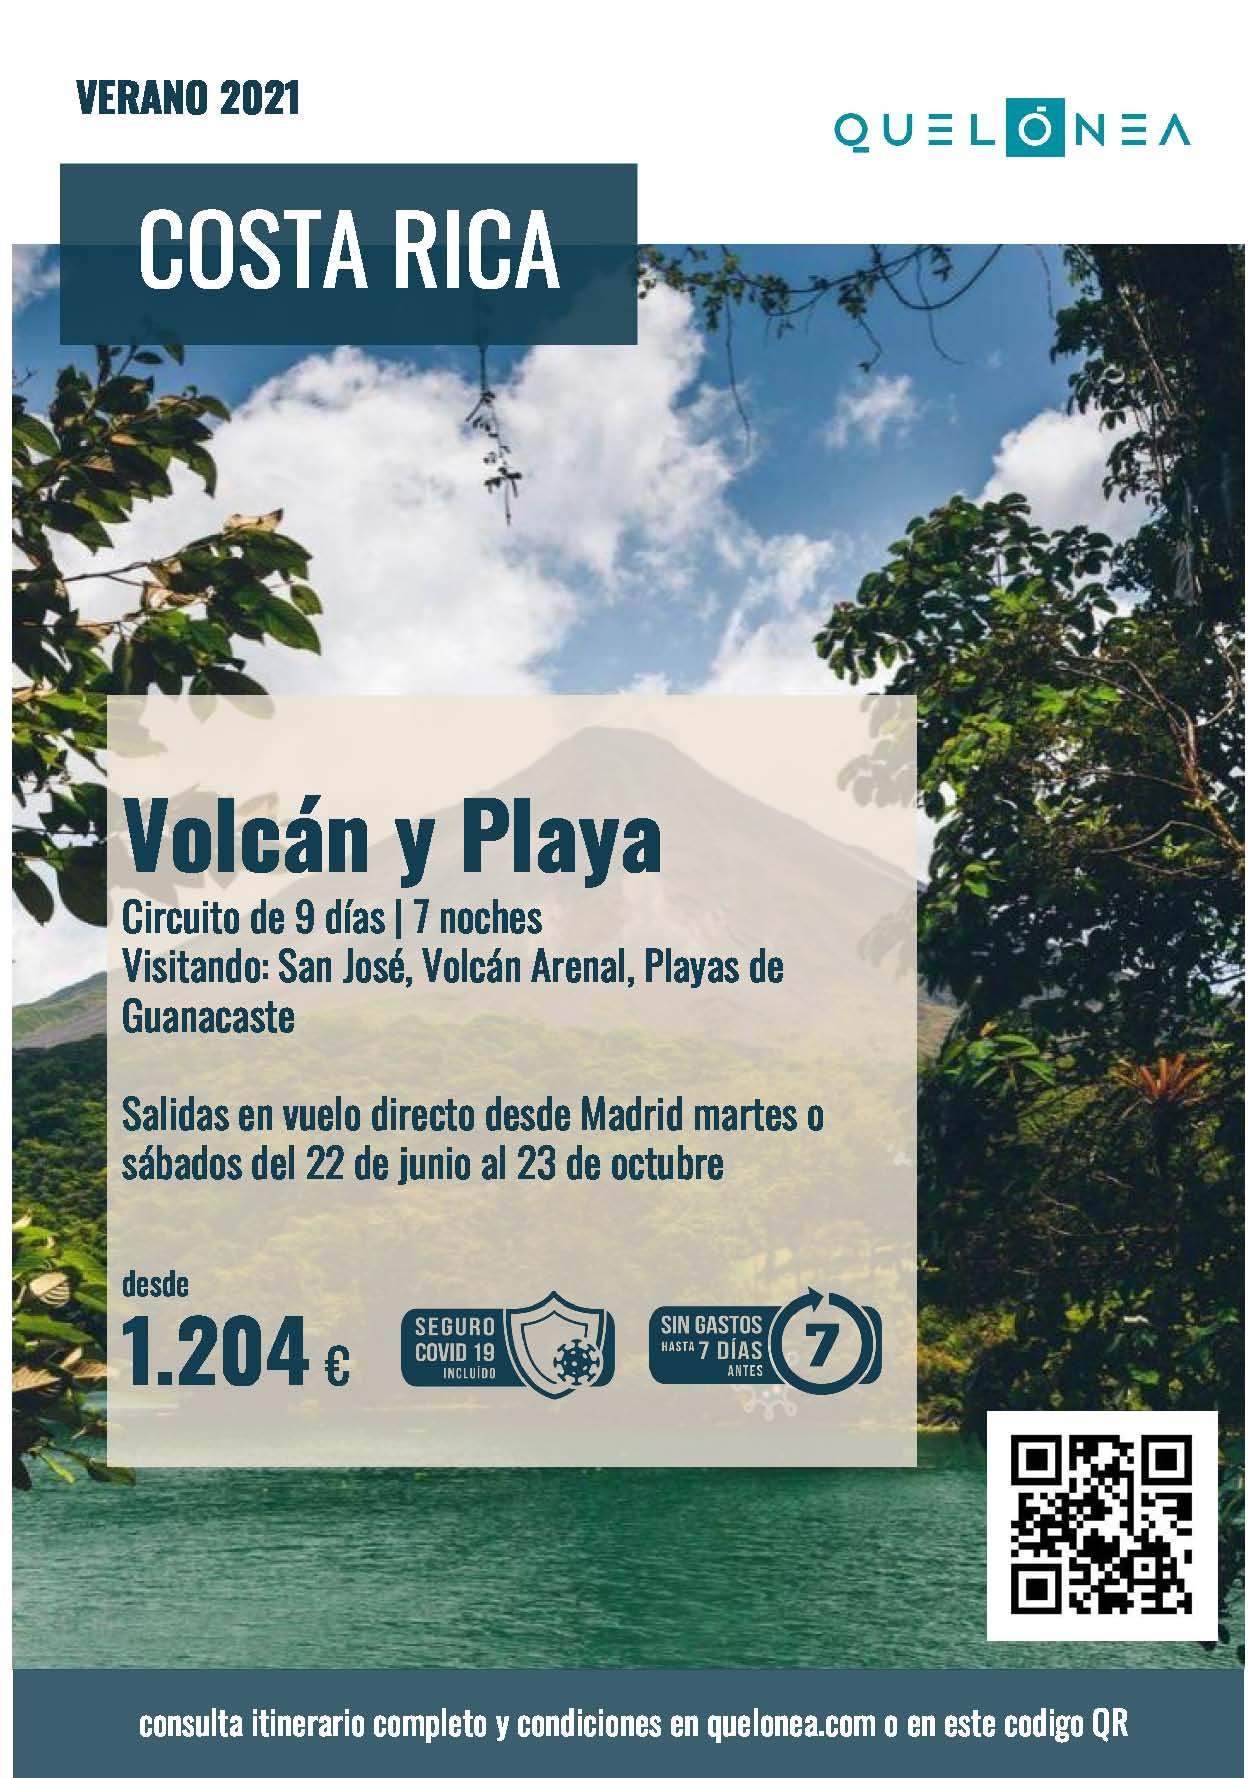 Ofertas Quelonea Costa Rica Vocan y Playa Verano 2021 vuelo directo desde Madrid 2